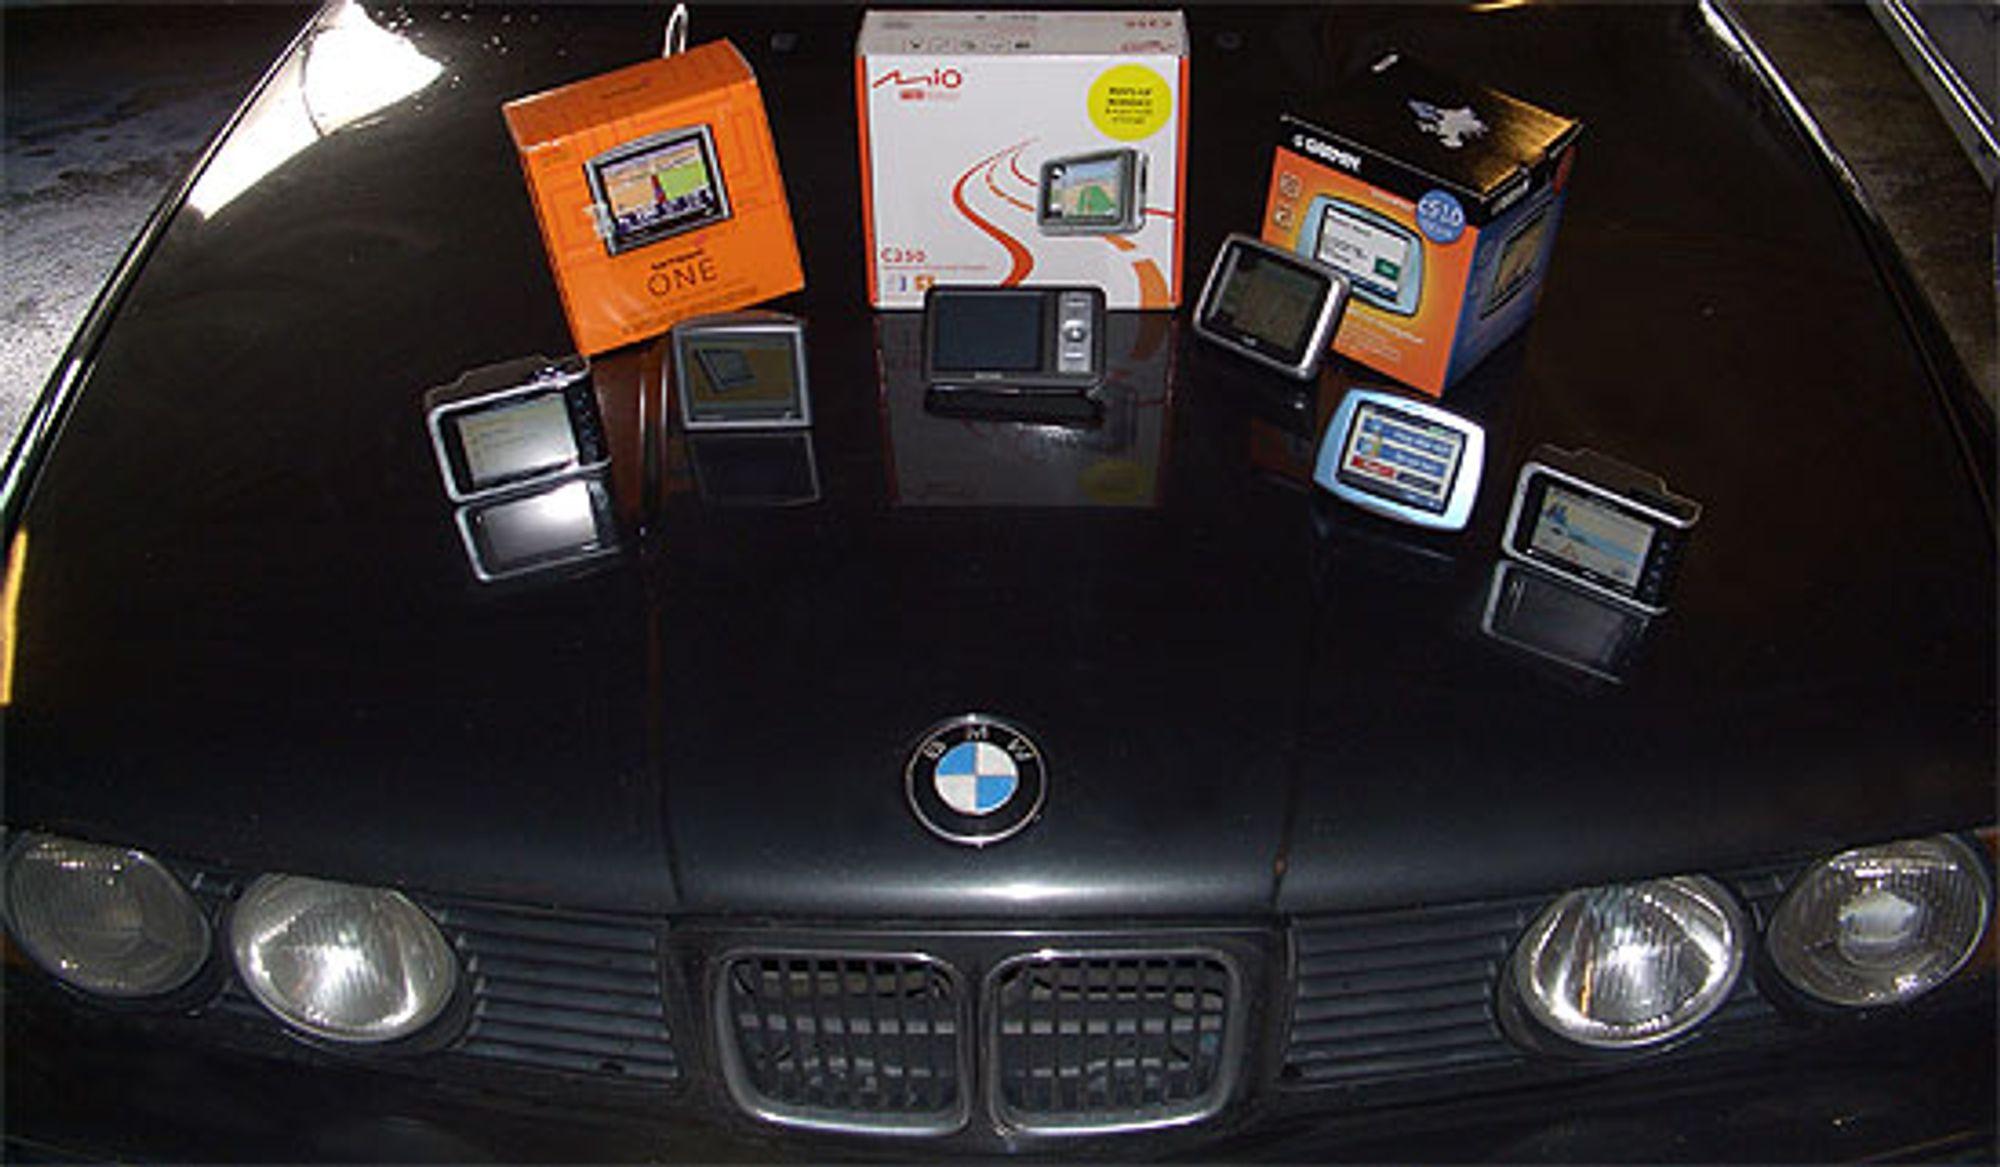 Vi har testet seks GPS-mottakere fra seks produsenter.